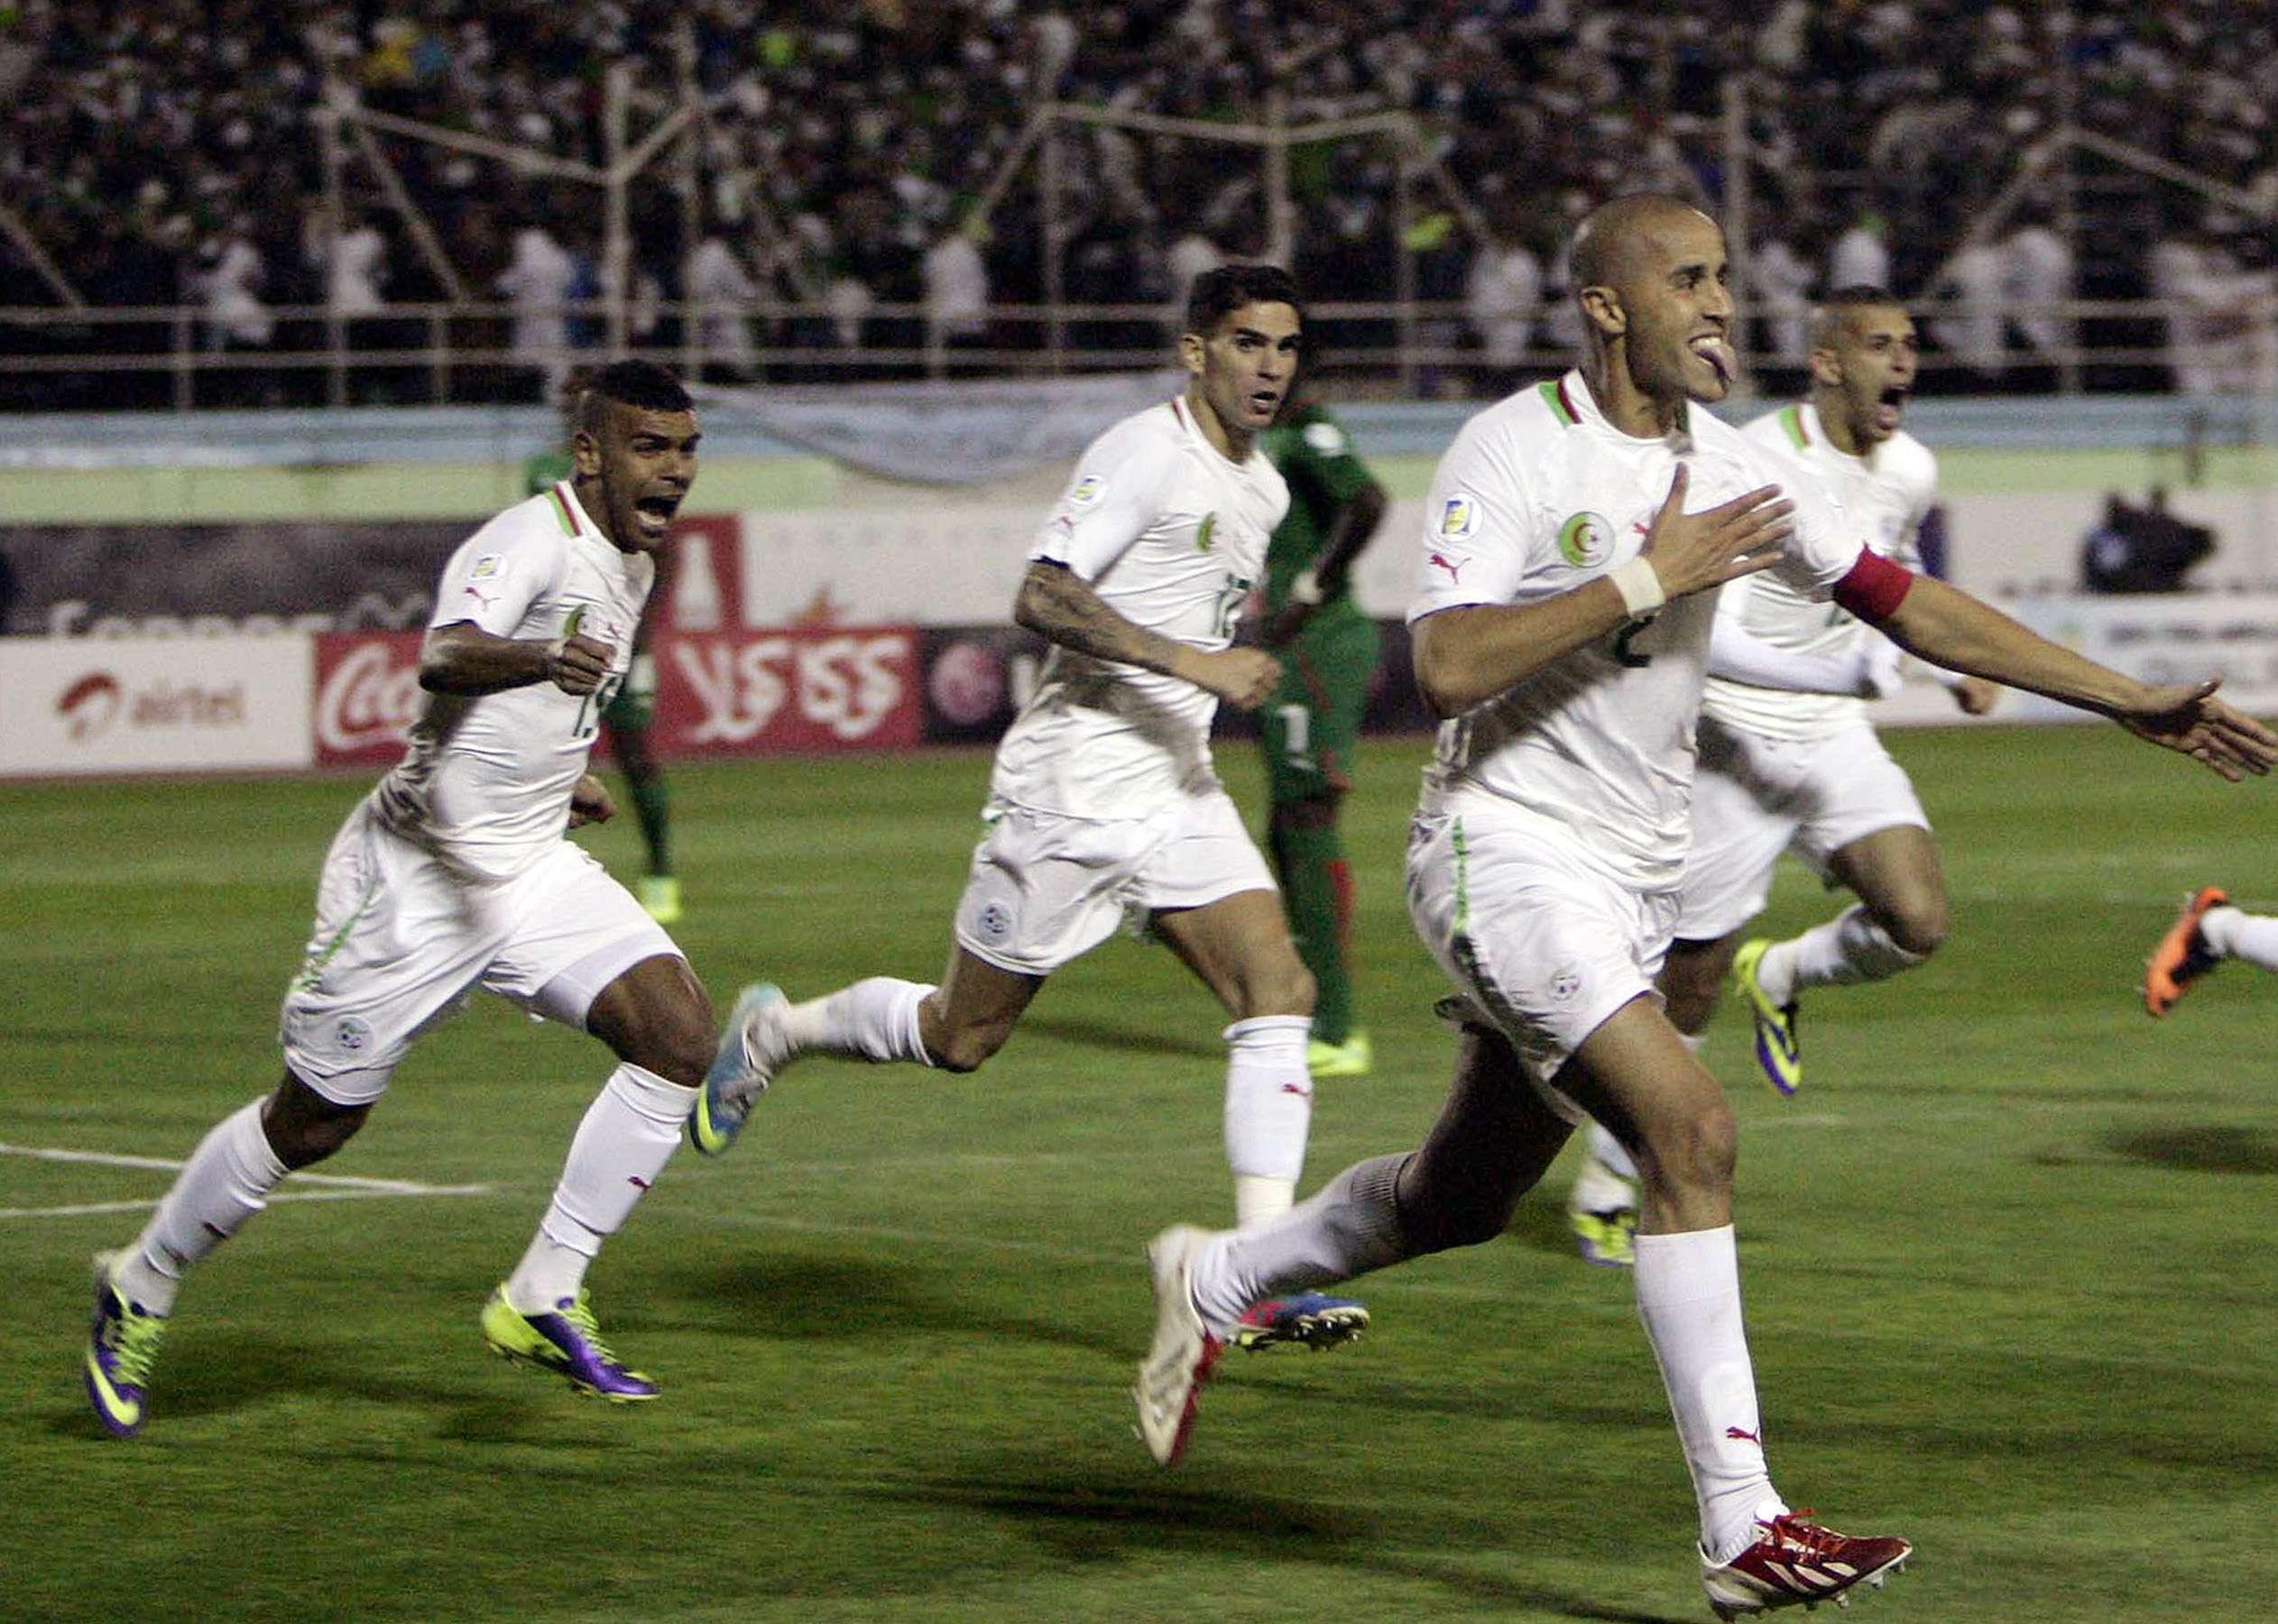 Argélia derrota Burkina Faso e é última seleção africana...